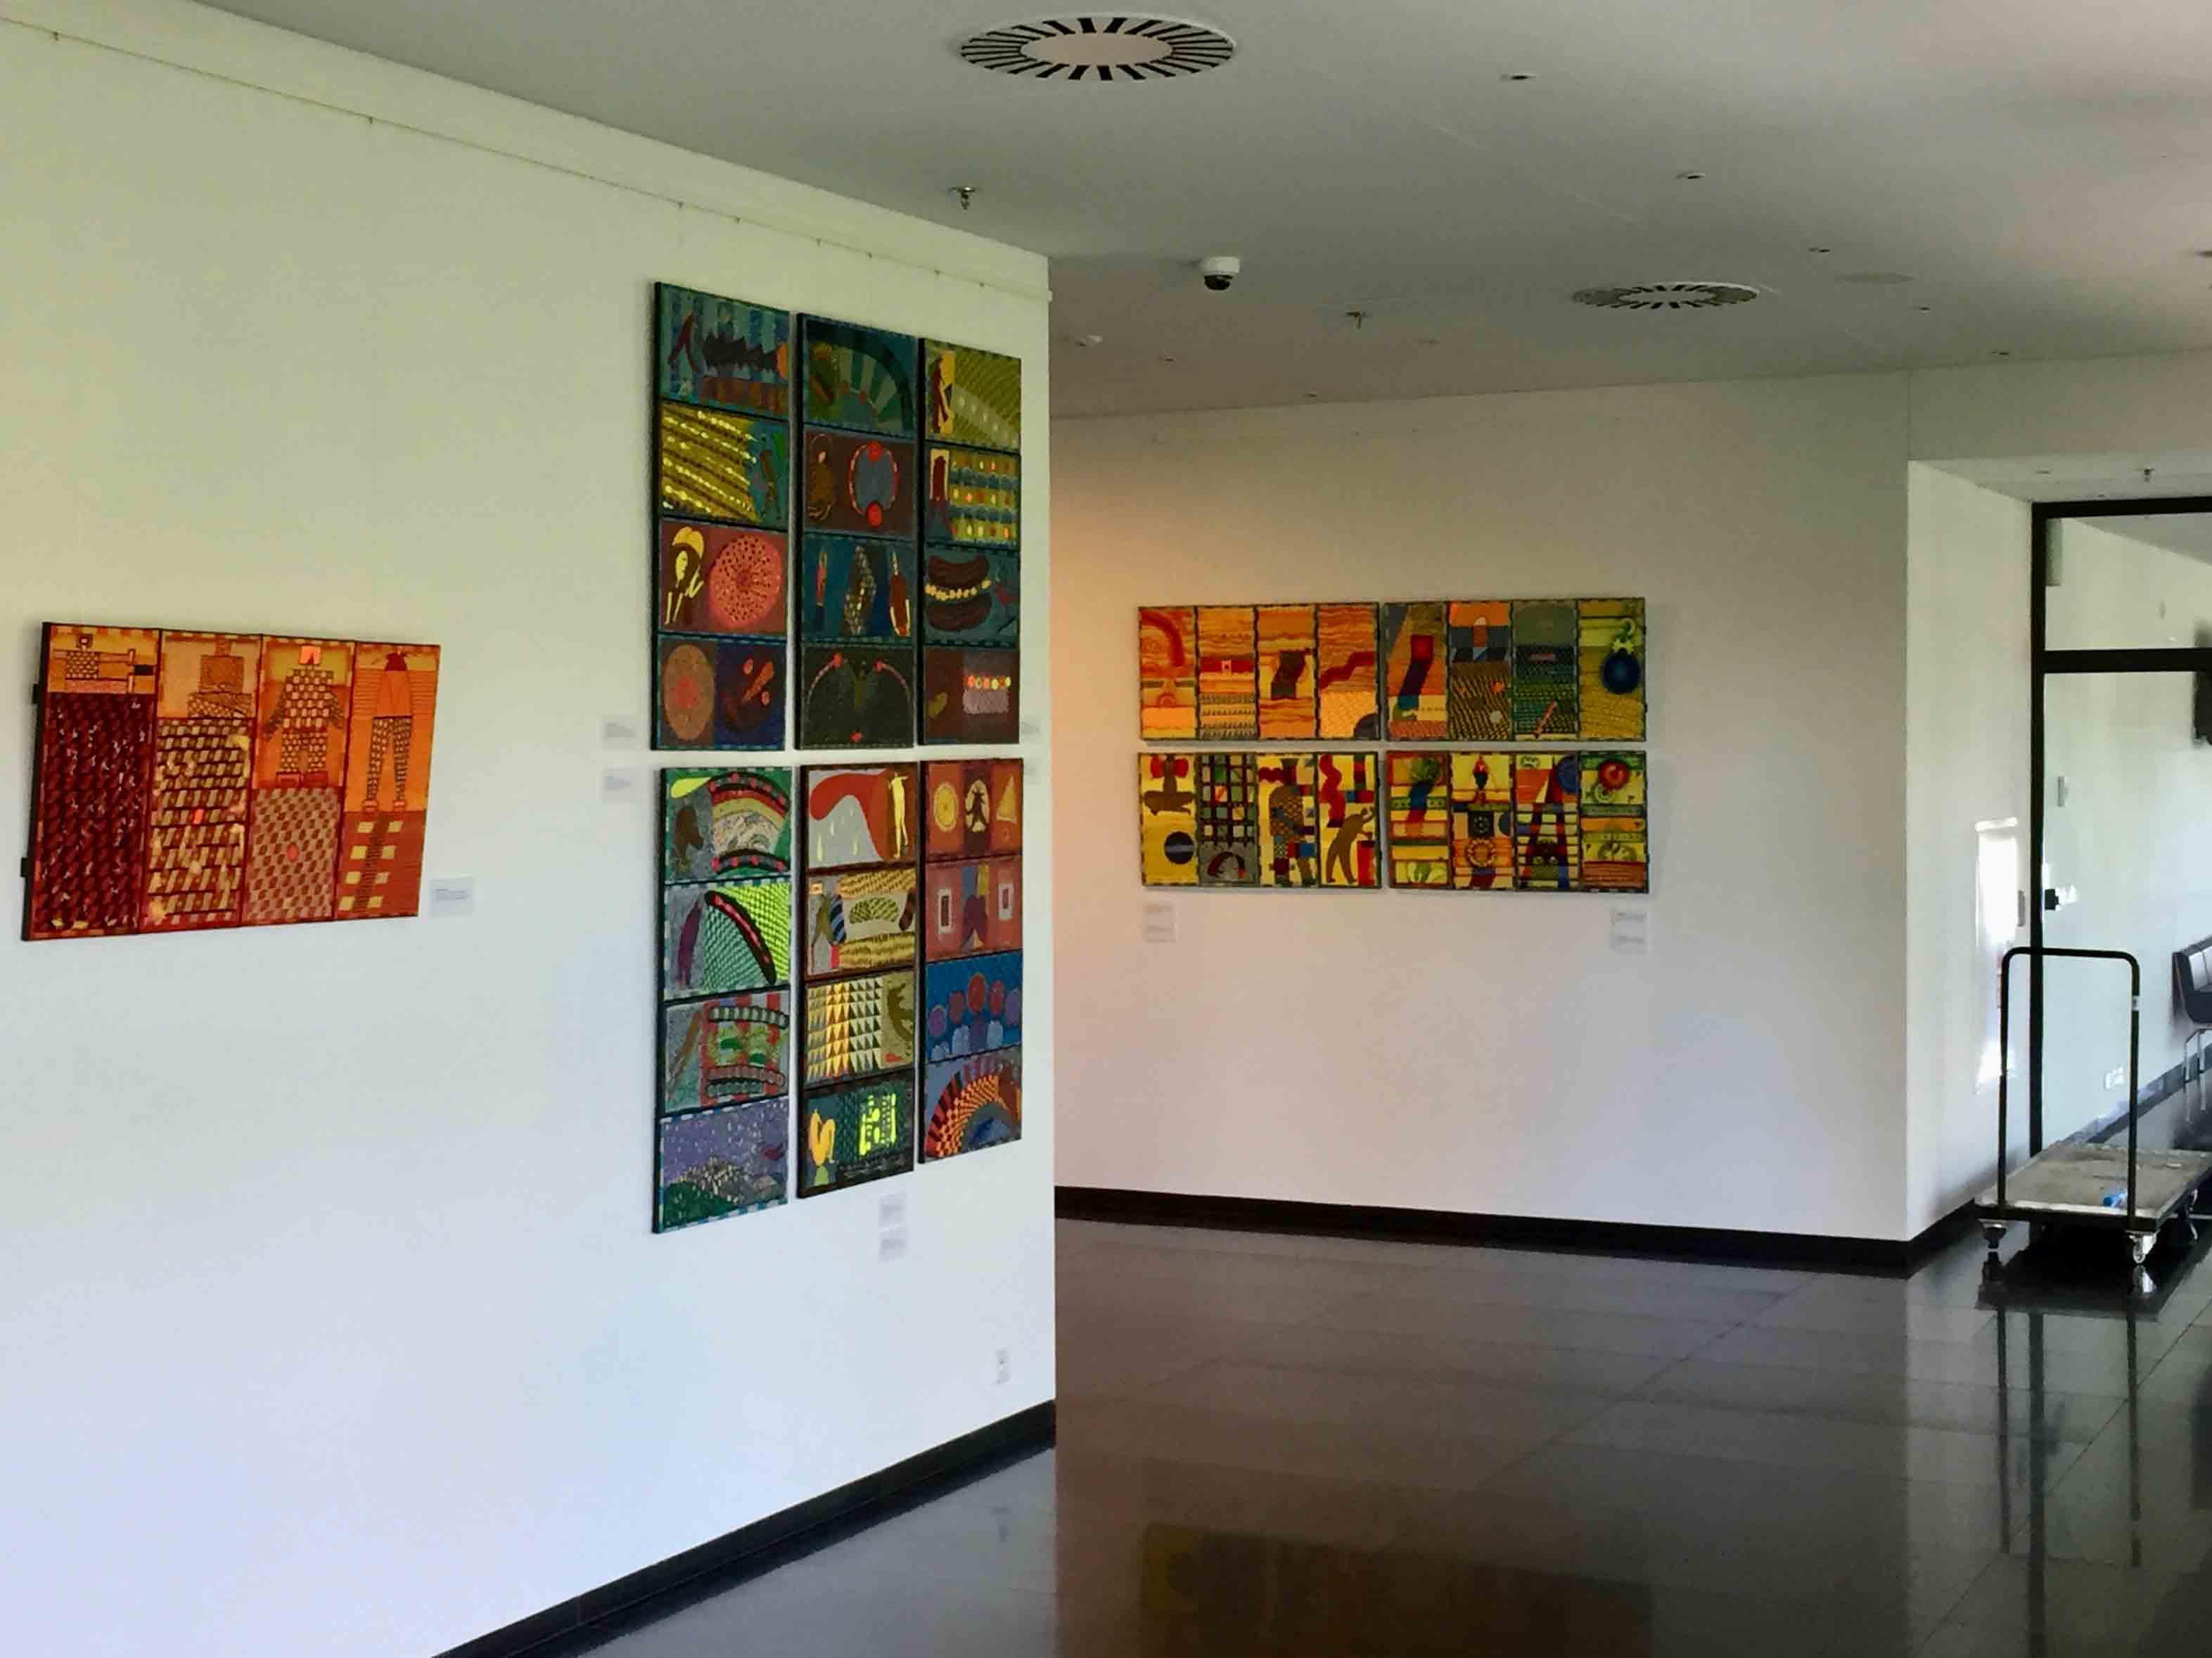 2020-Eugeniusz-Jozefowski--Sigma-DP2,-Wystawa-w-Narodowym-Forum-Muzyki-27